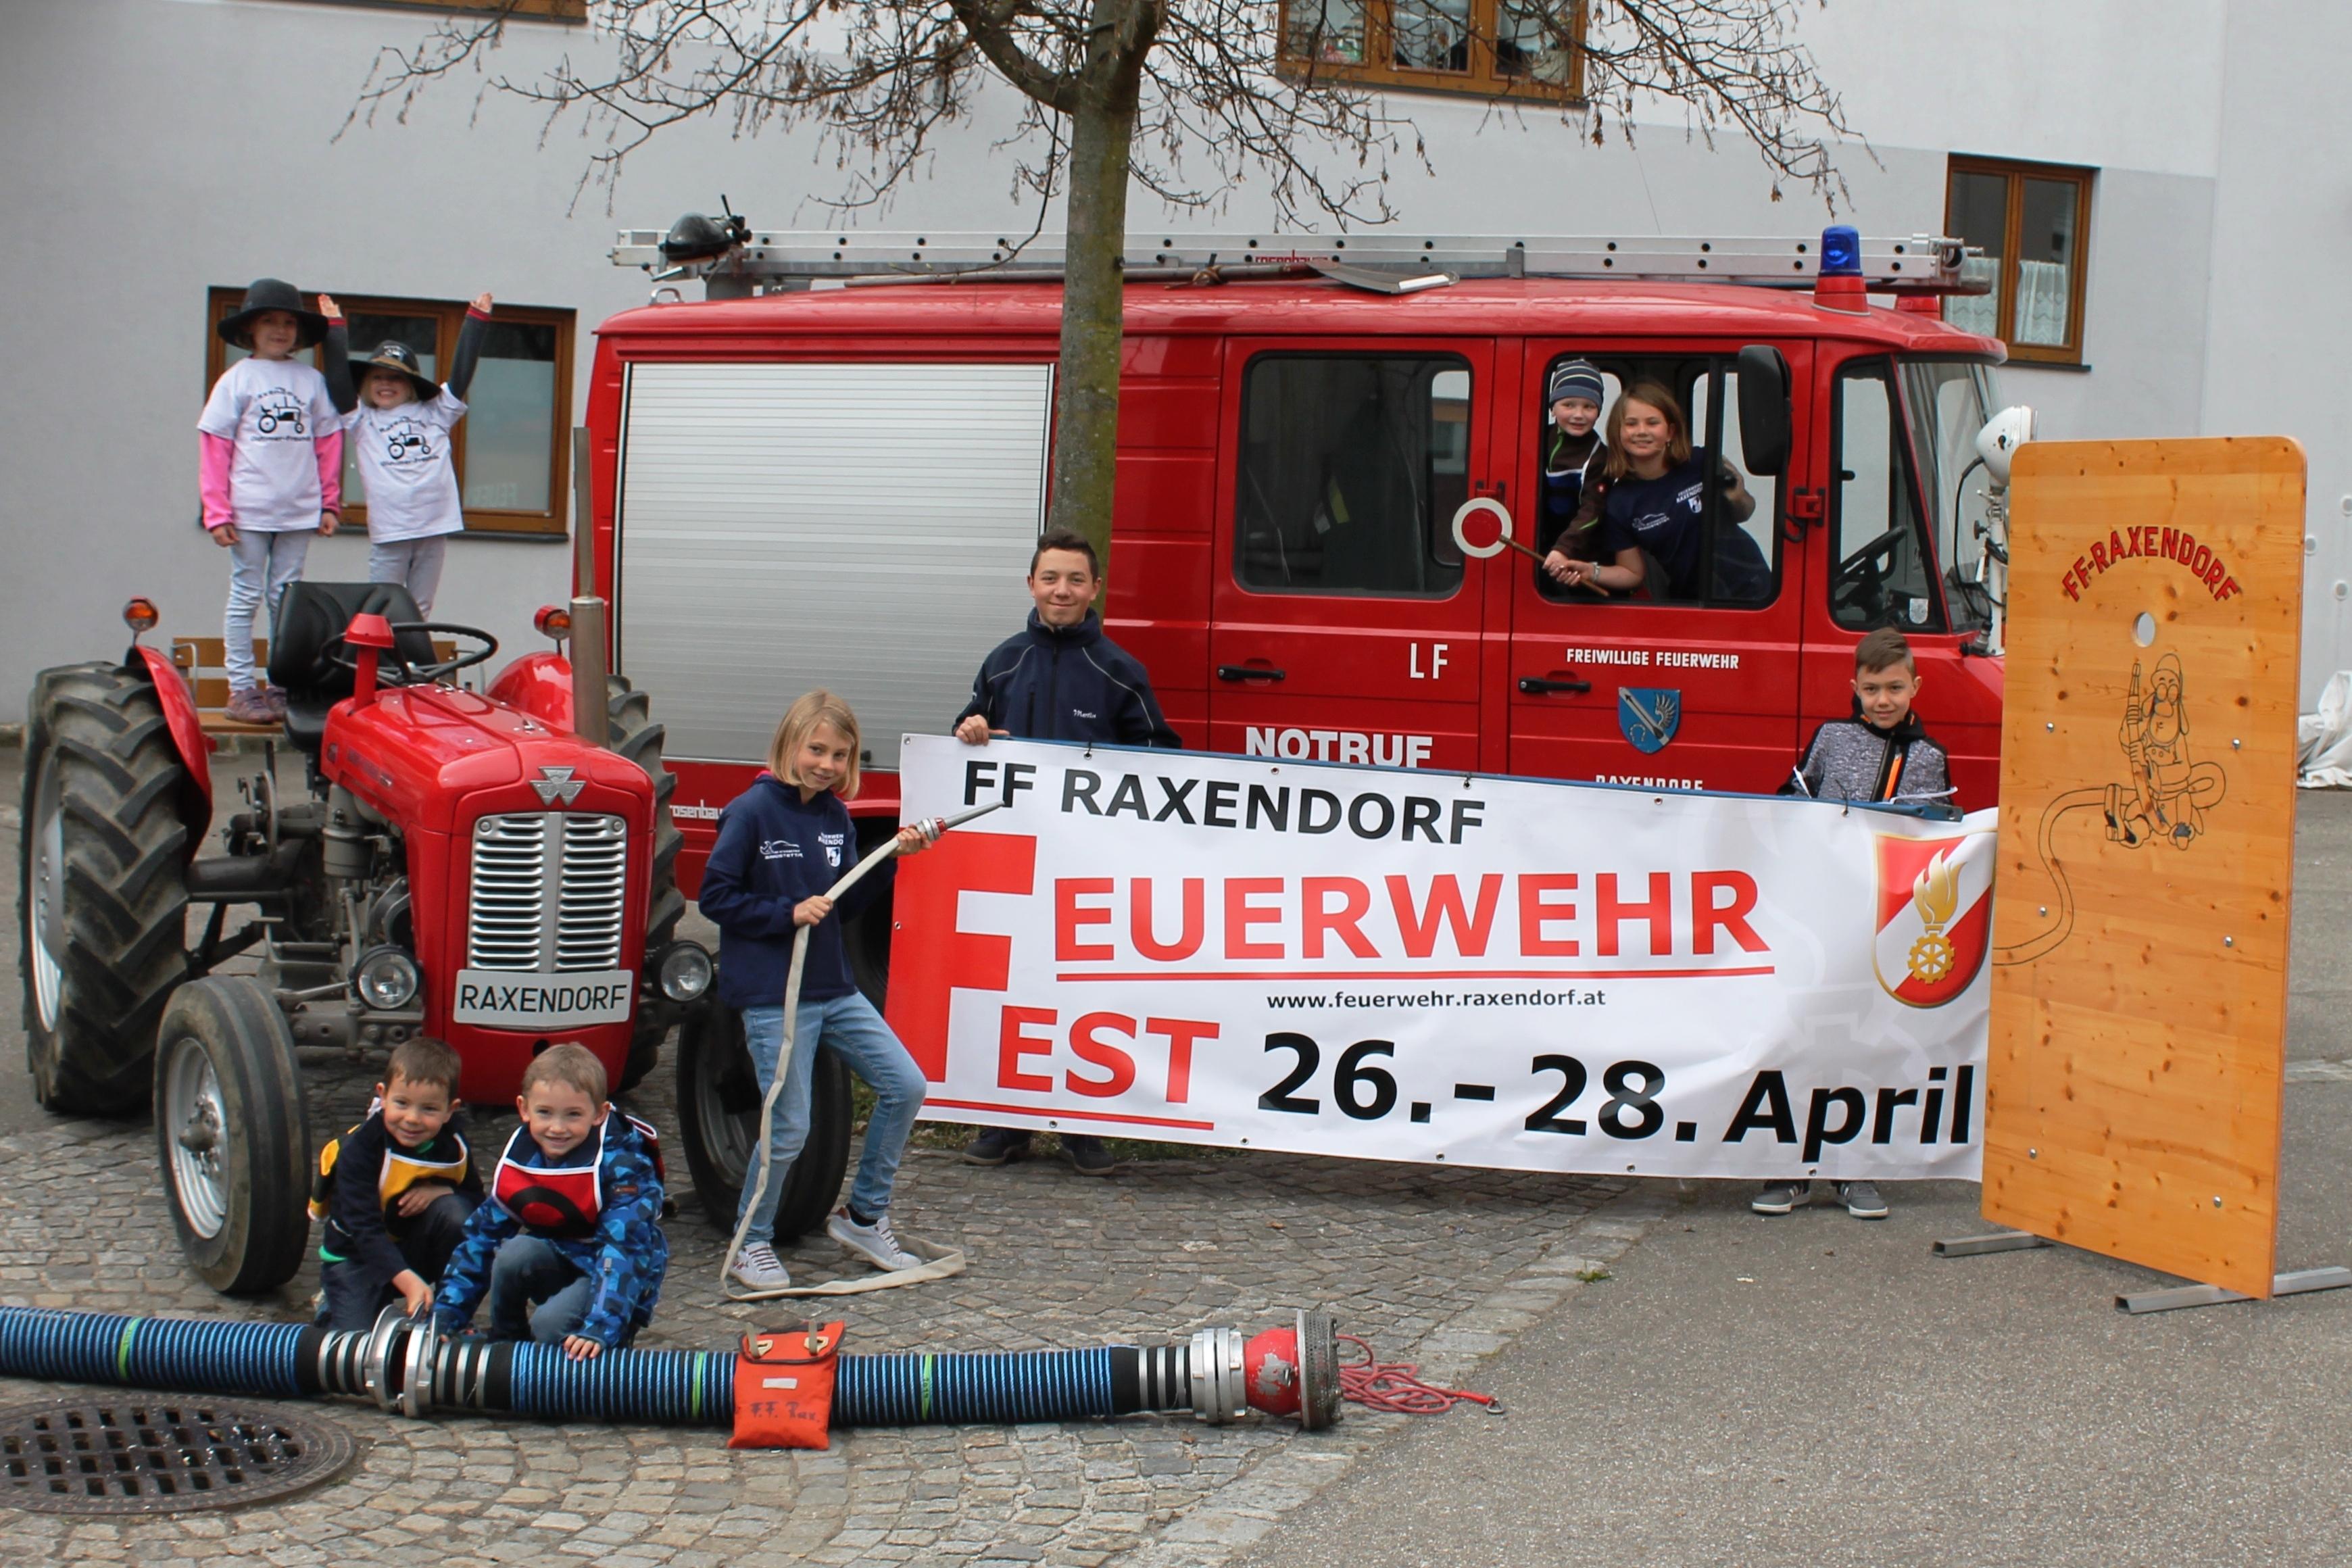 Feuerwehrfest-Werbungsfoto-2019